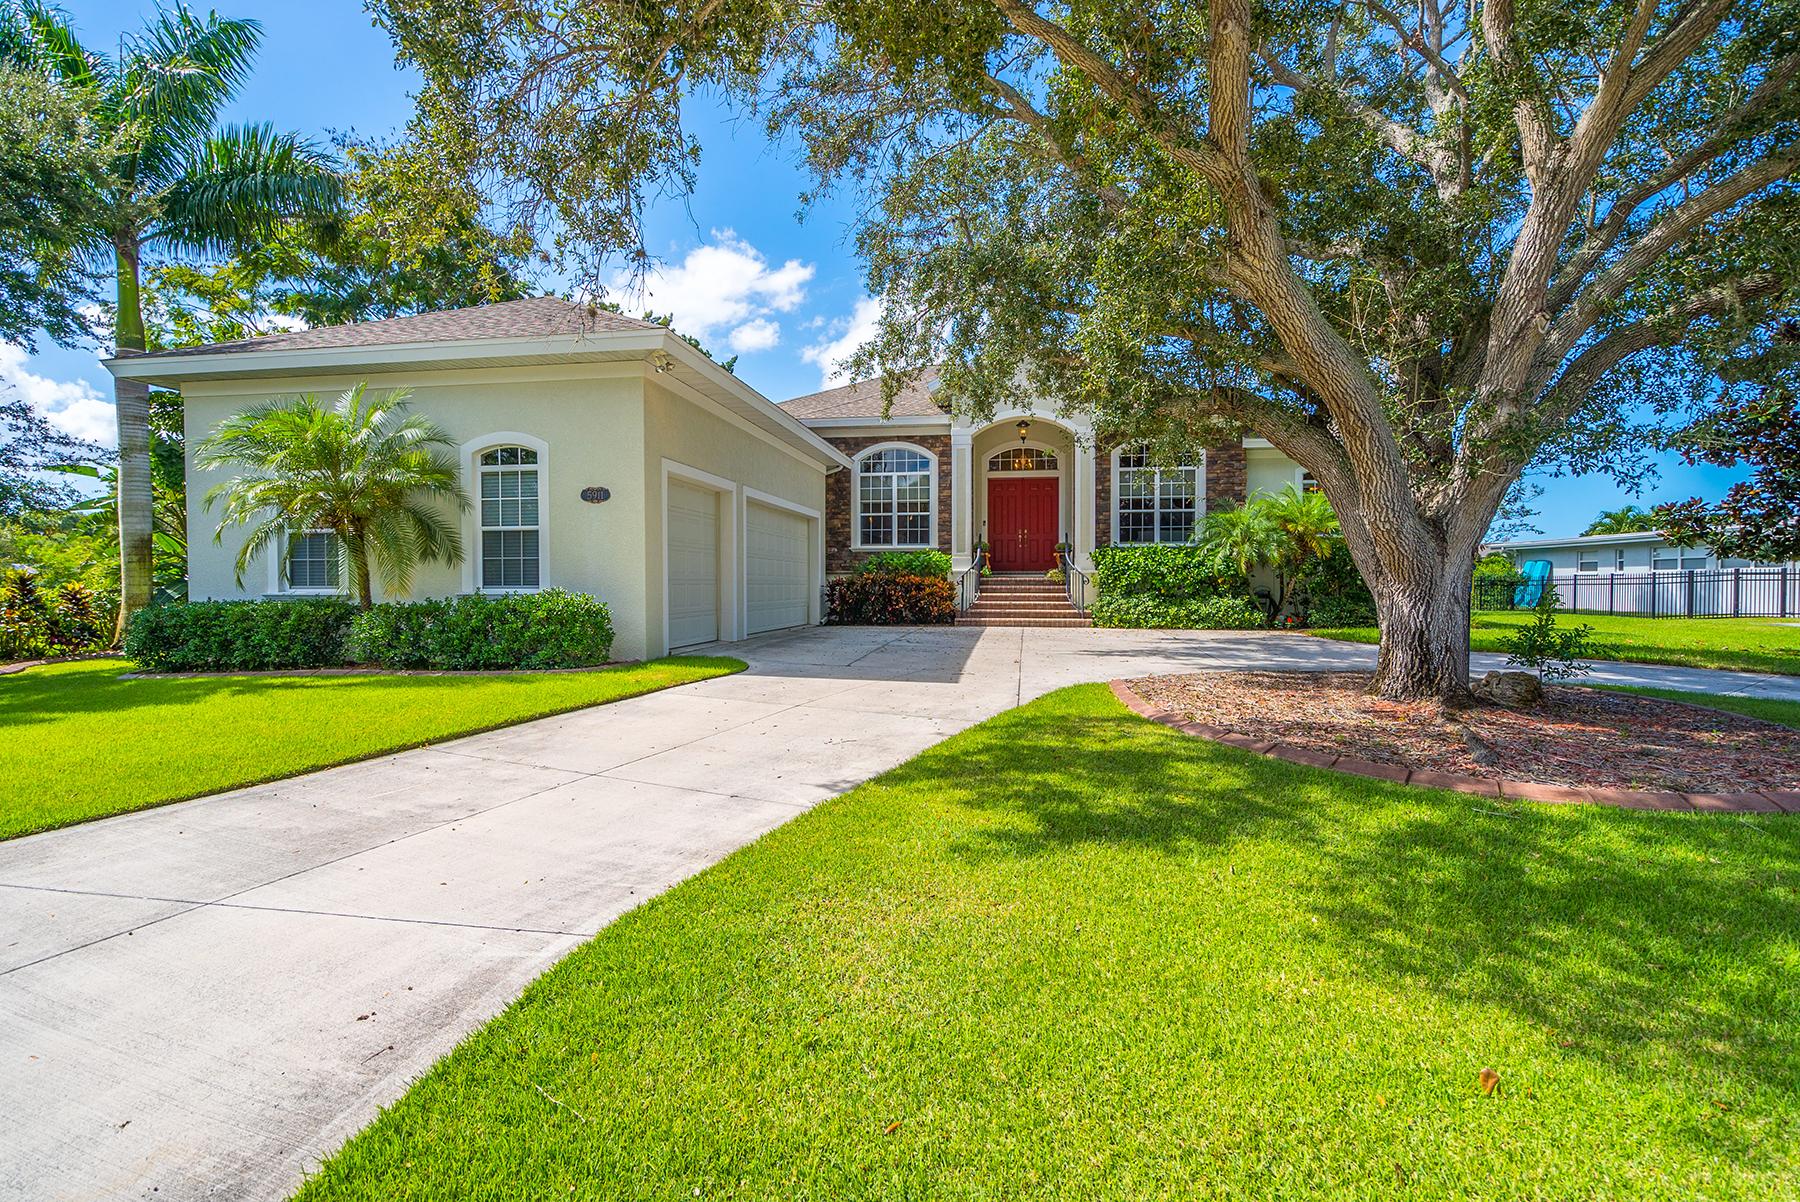 Maison unifamiliale pour l Vente à LARMARIE SHORES 5911 Riverview Blvd Bradenton, Florida, 34209 États-Unis